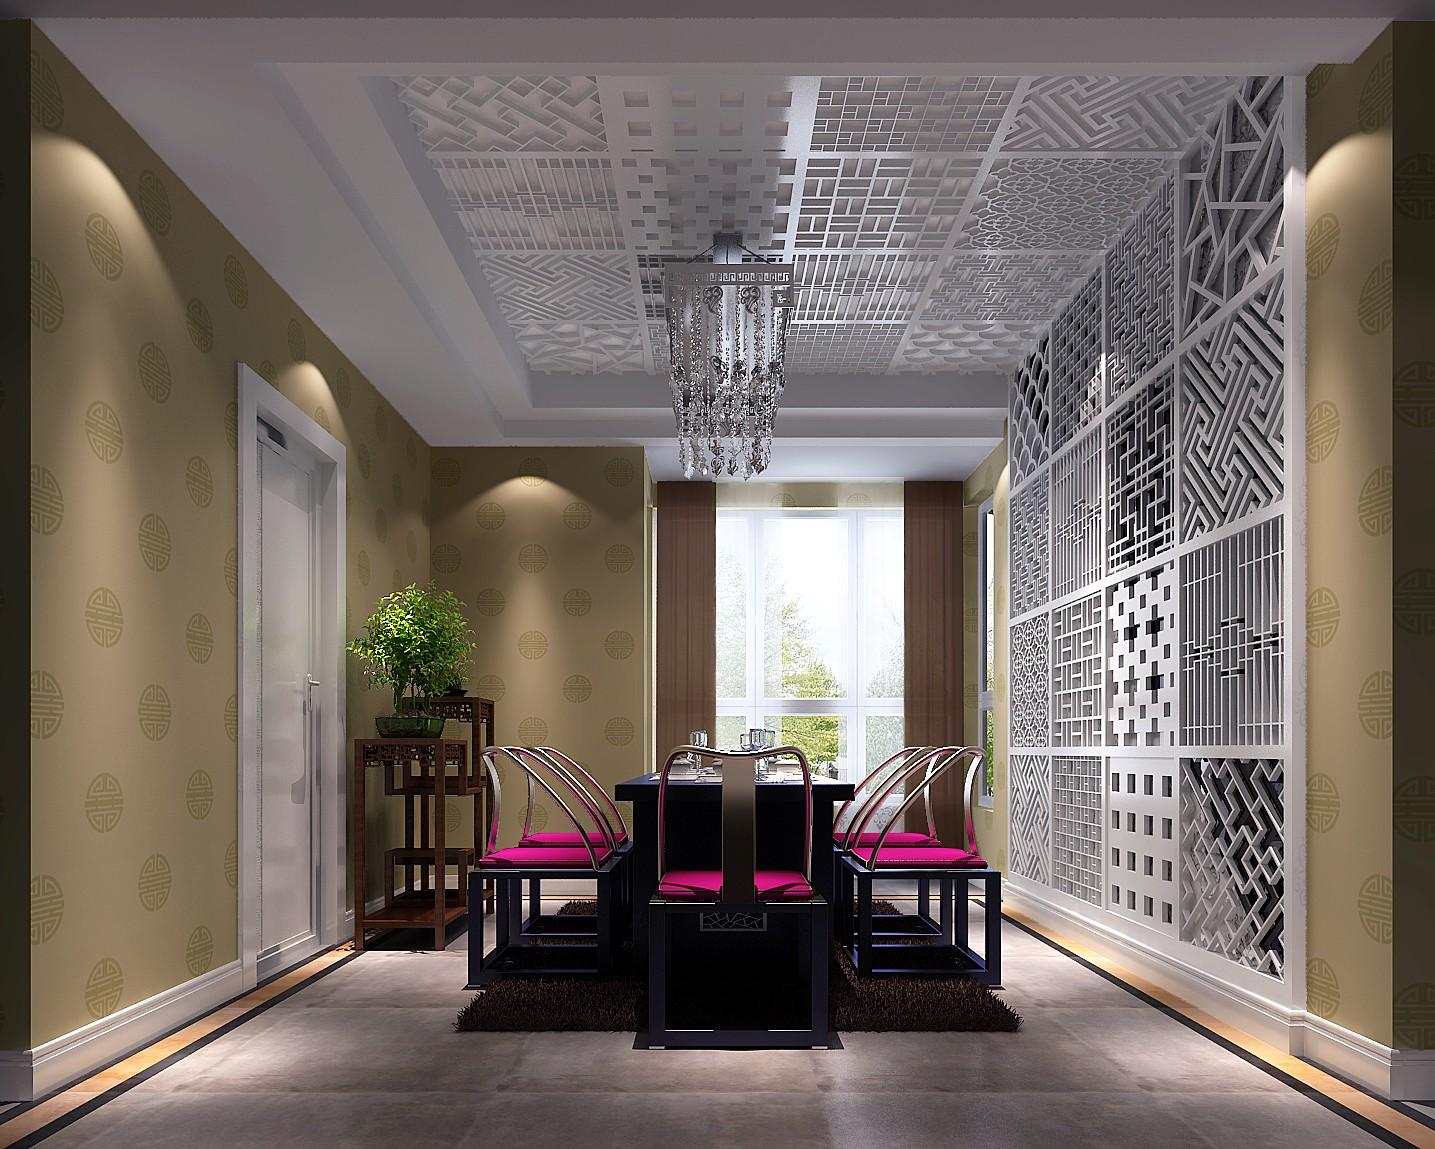 混搭 三居 白领 80后 小资 餐厅图片来自沙漠雪雨在御翠尚府140平混搭3居的分享